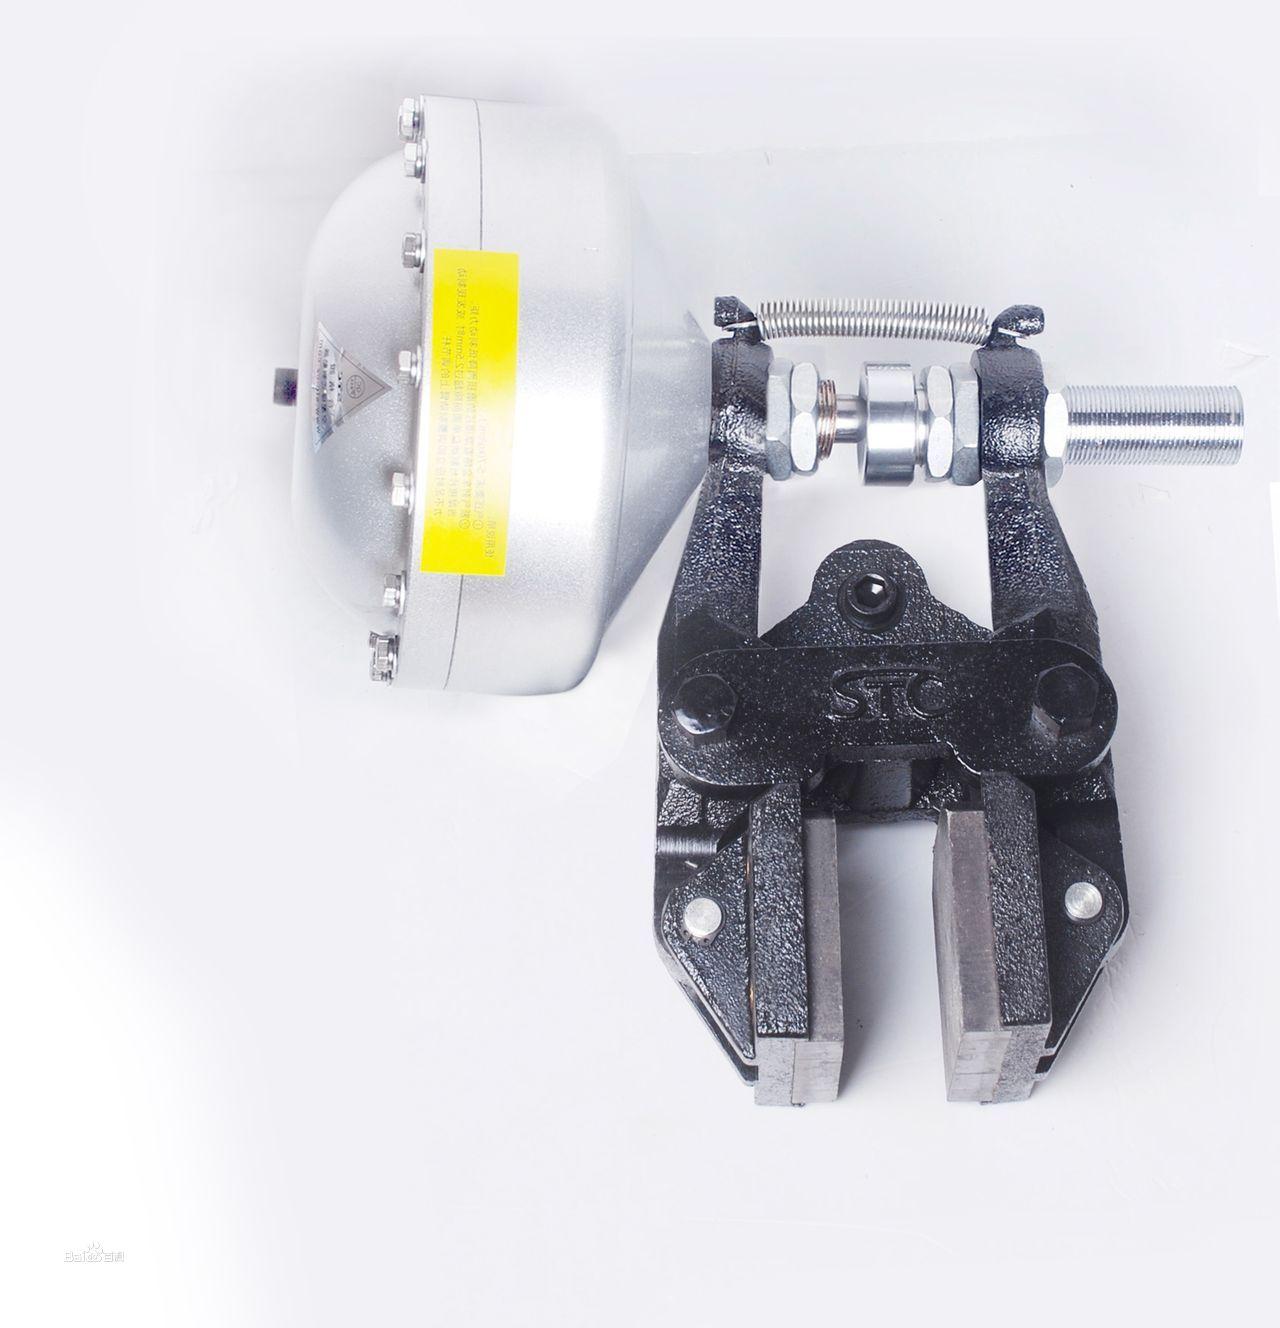 分切机 卷纸机 涂敷机 层压机 抄纸机械 包装机 涂装关联 涂装机器人图片